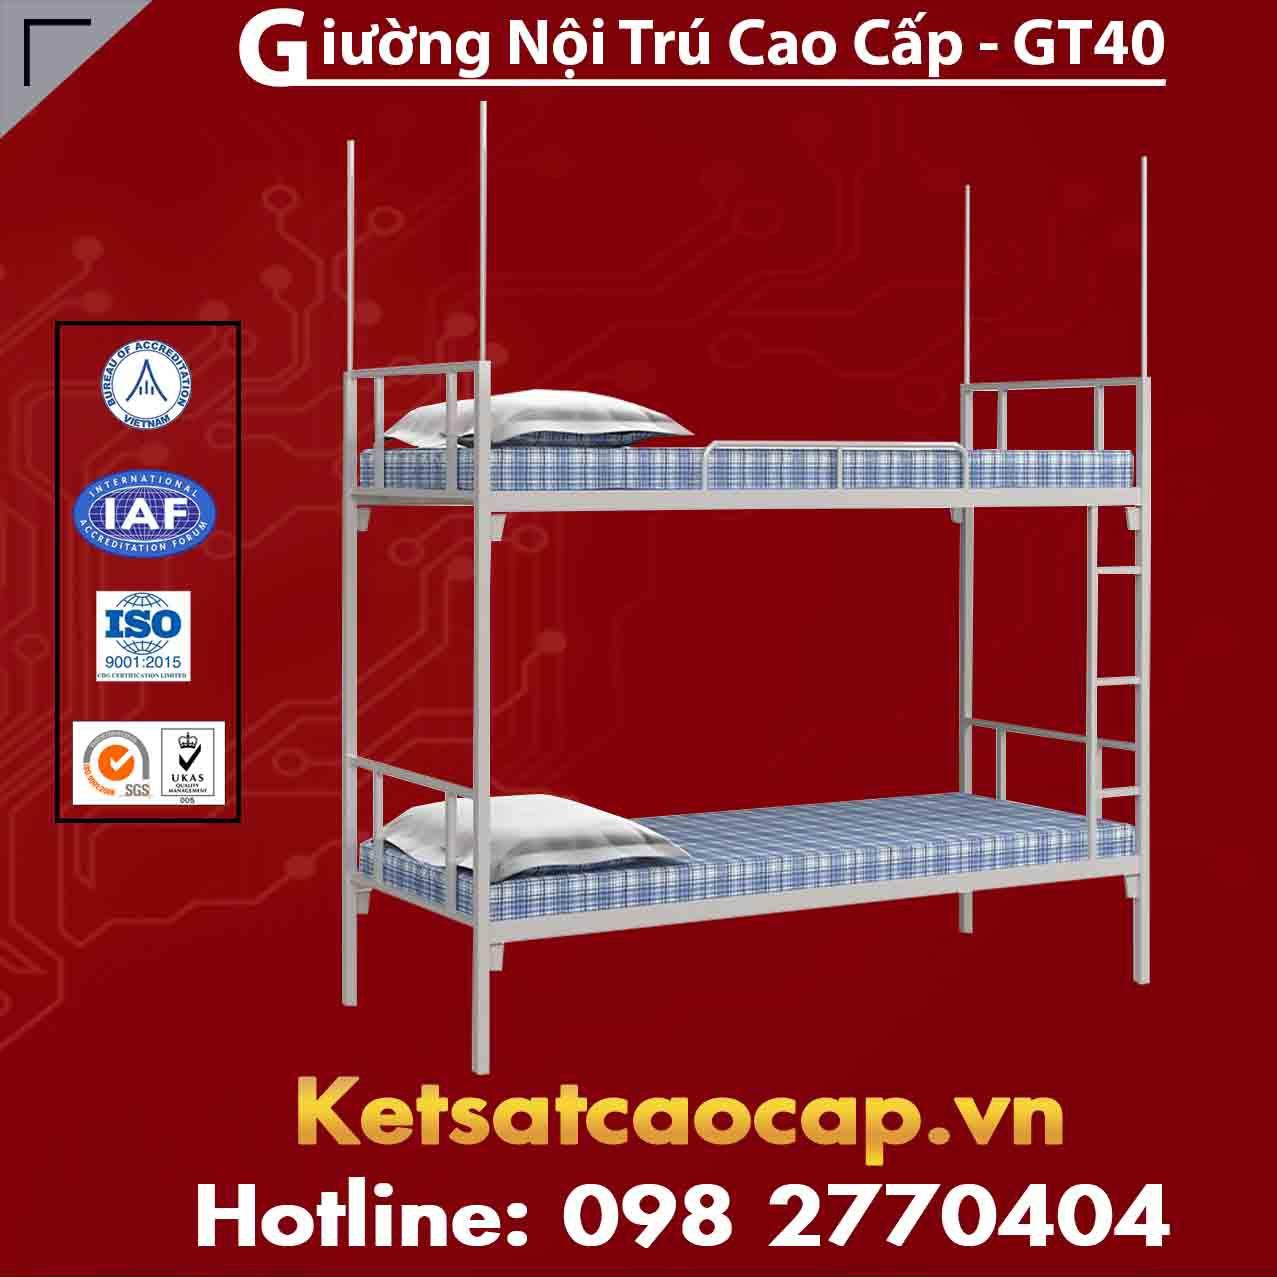 Giường Nội Trú Cao Cấp - GT40